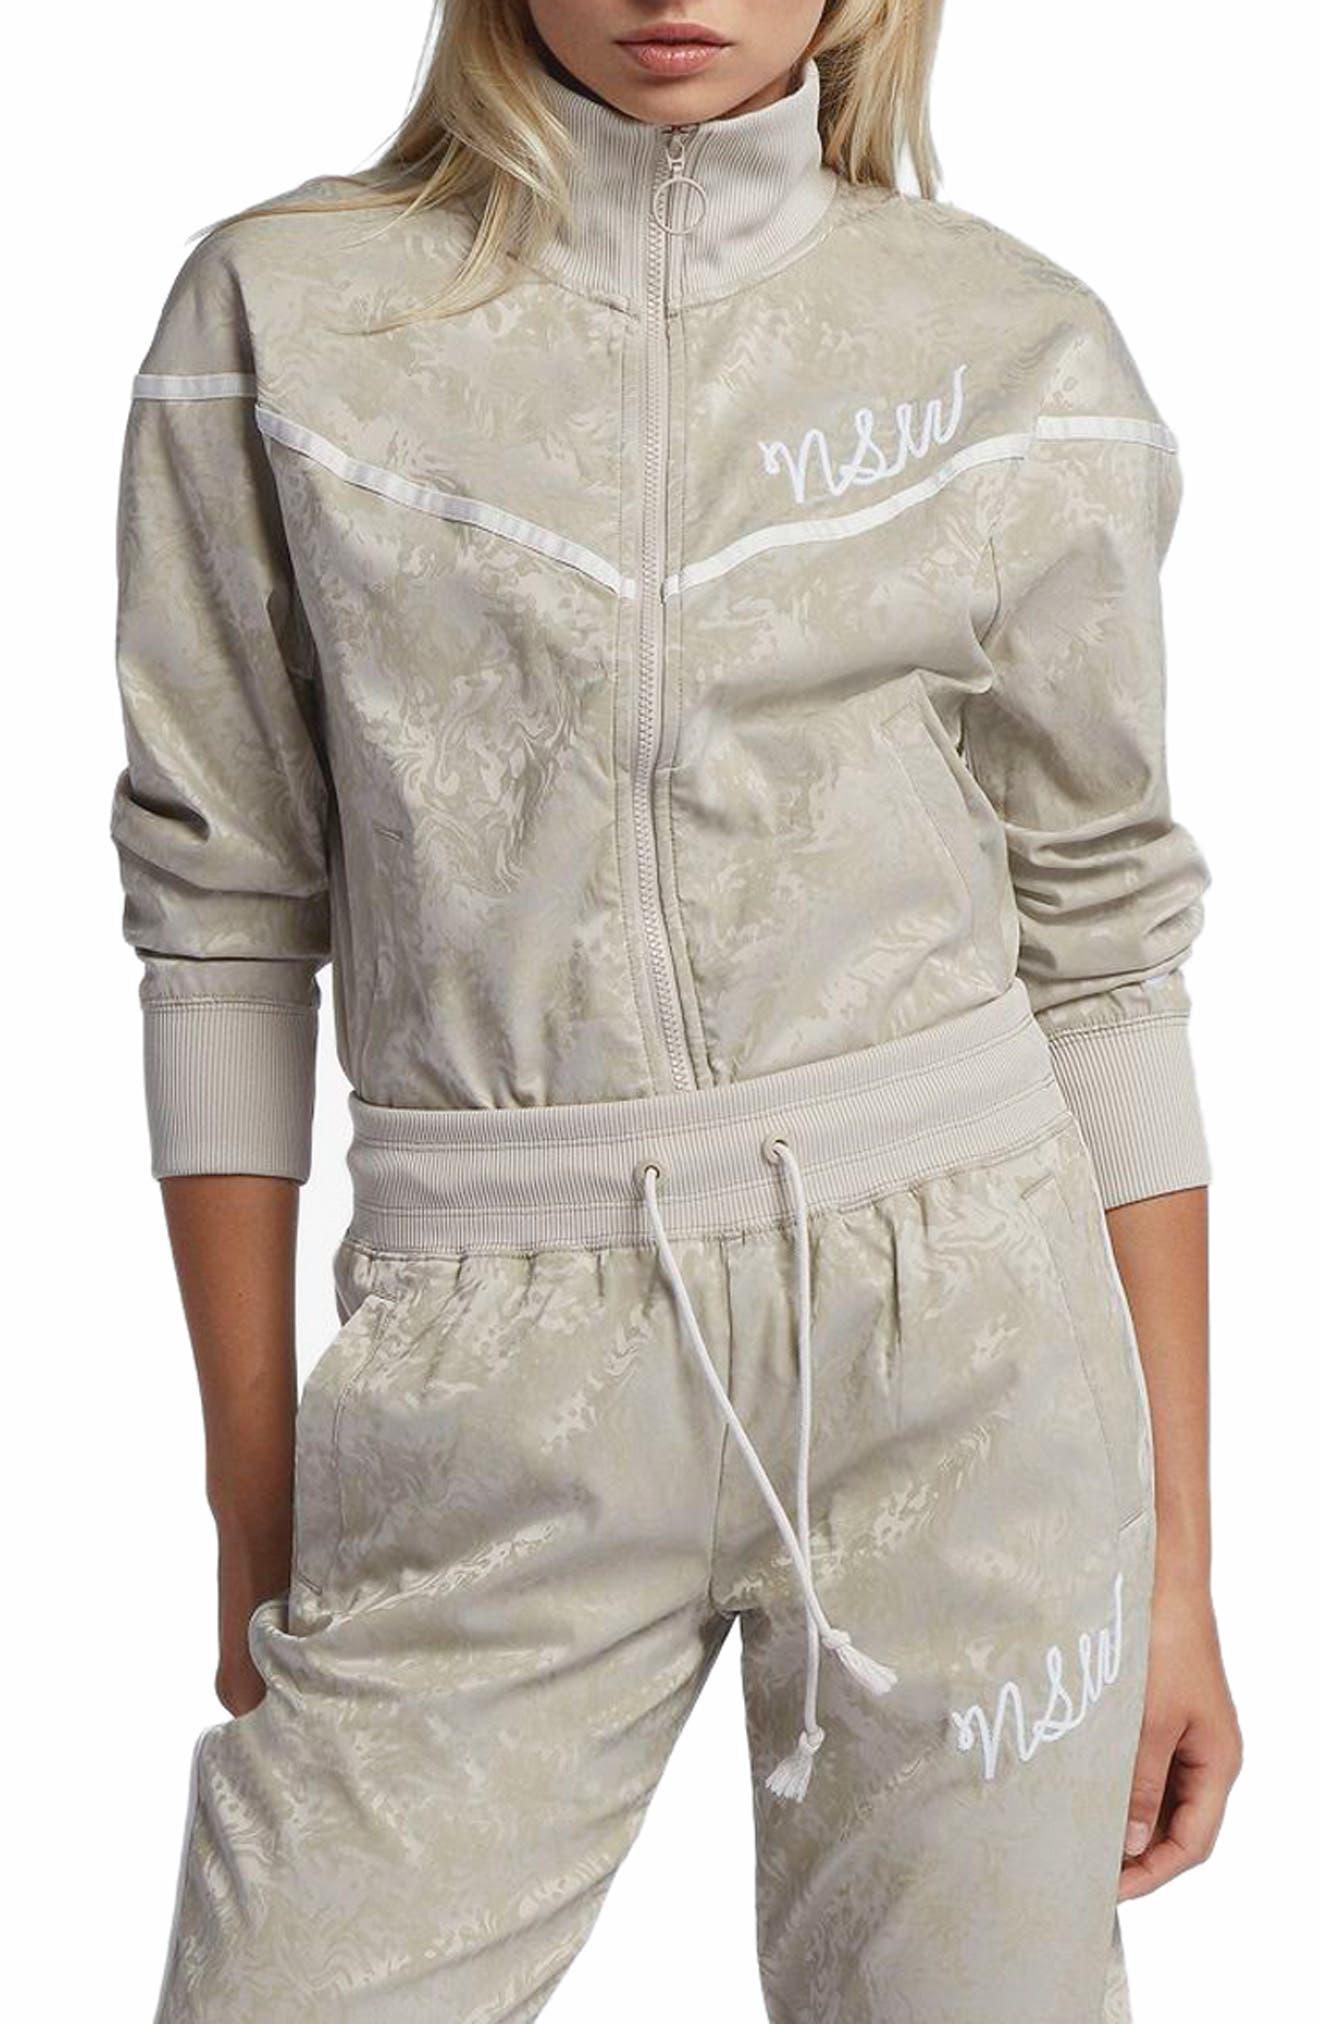 Sportswear NSW Women's Track Jacket,                         Main,                         color, 201